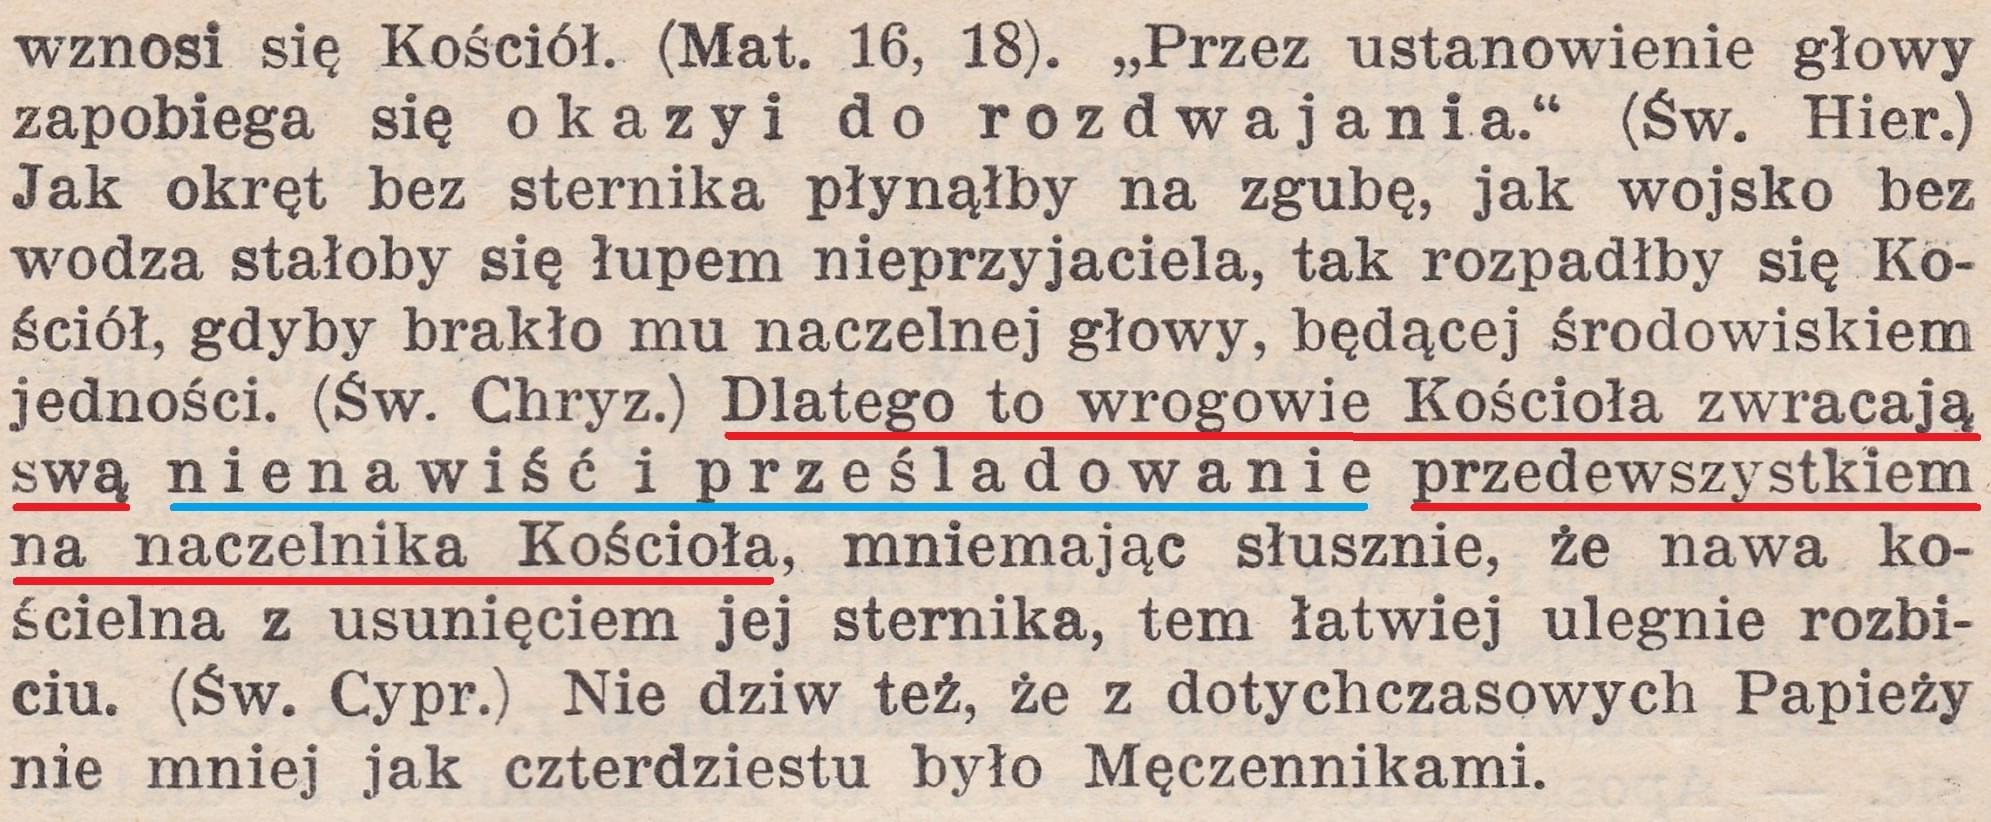 Katechizm Katolicki dla Ludu Bożego - ks. Franiszek Spirago